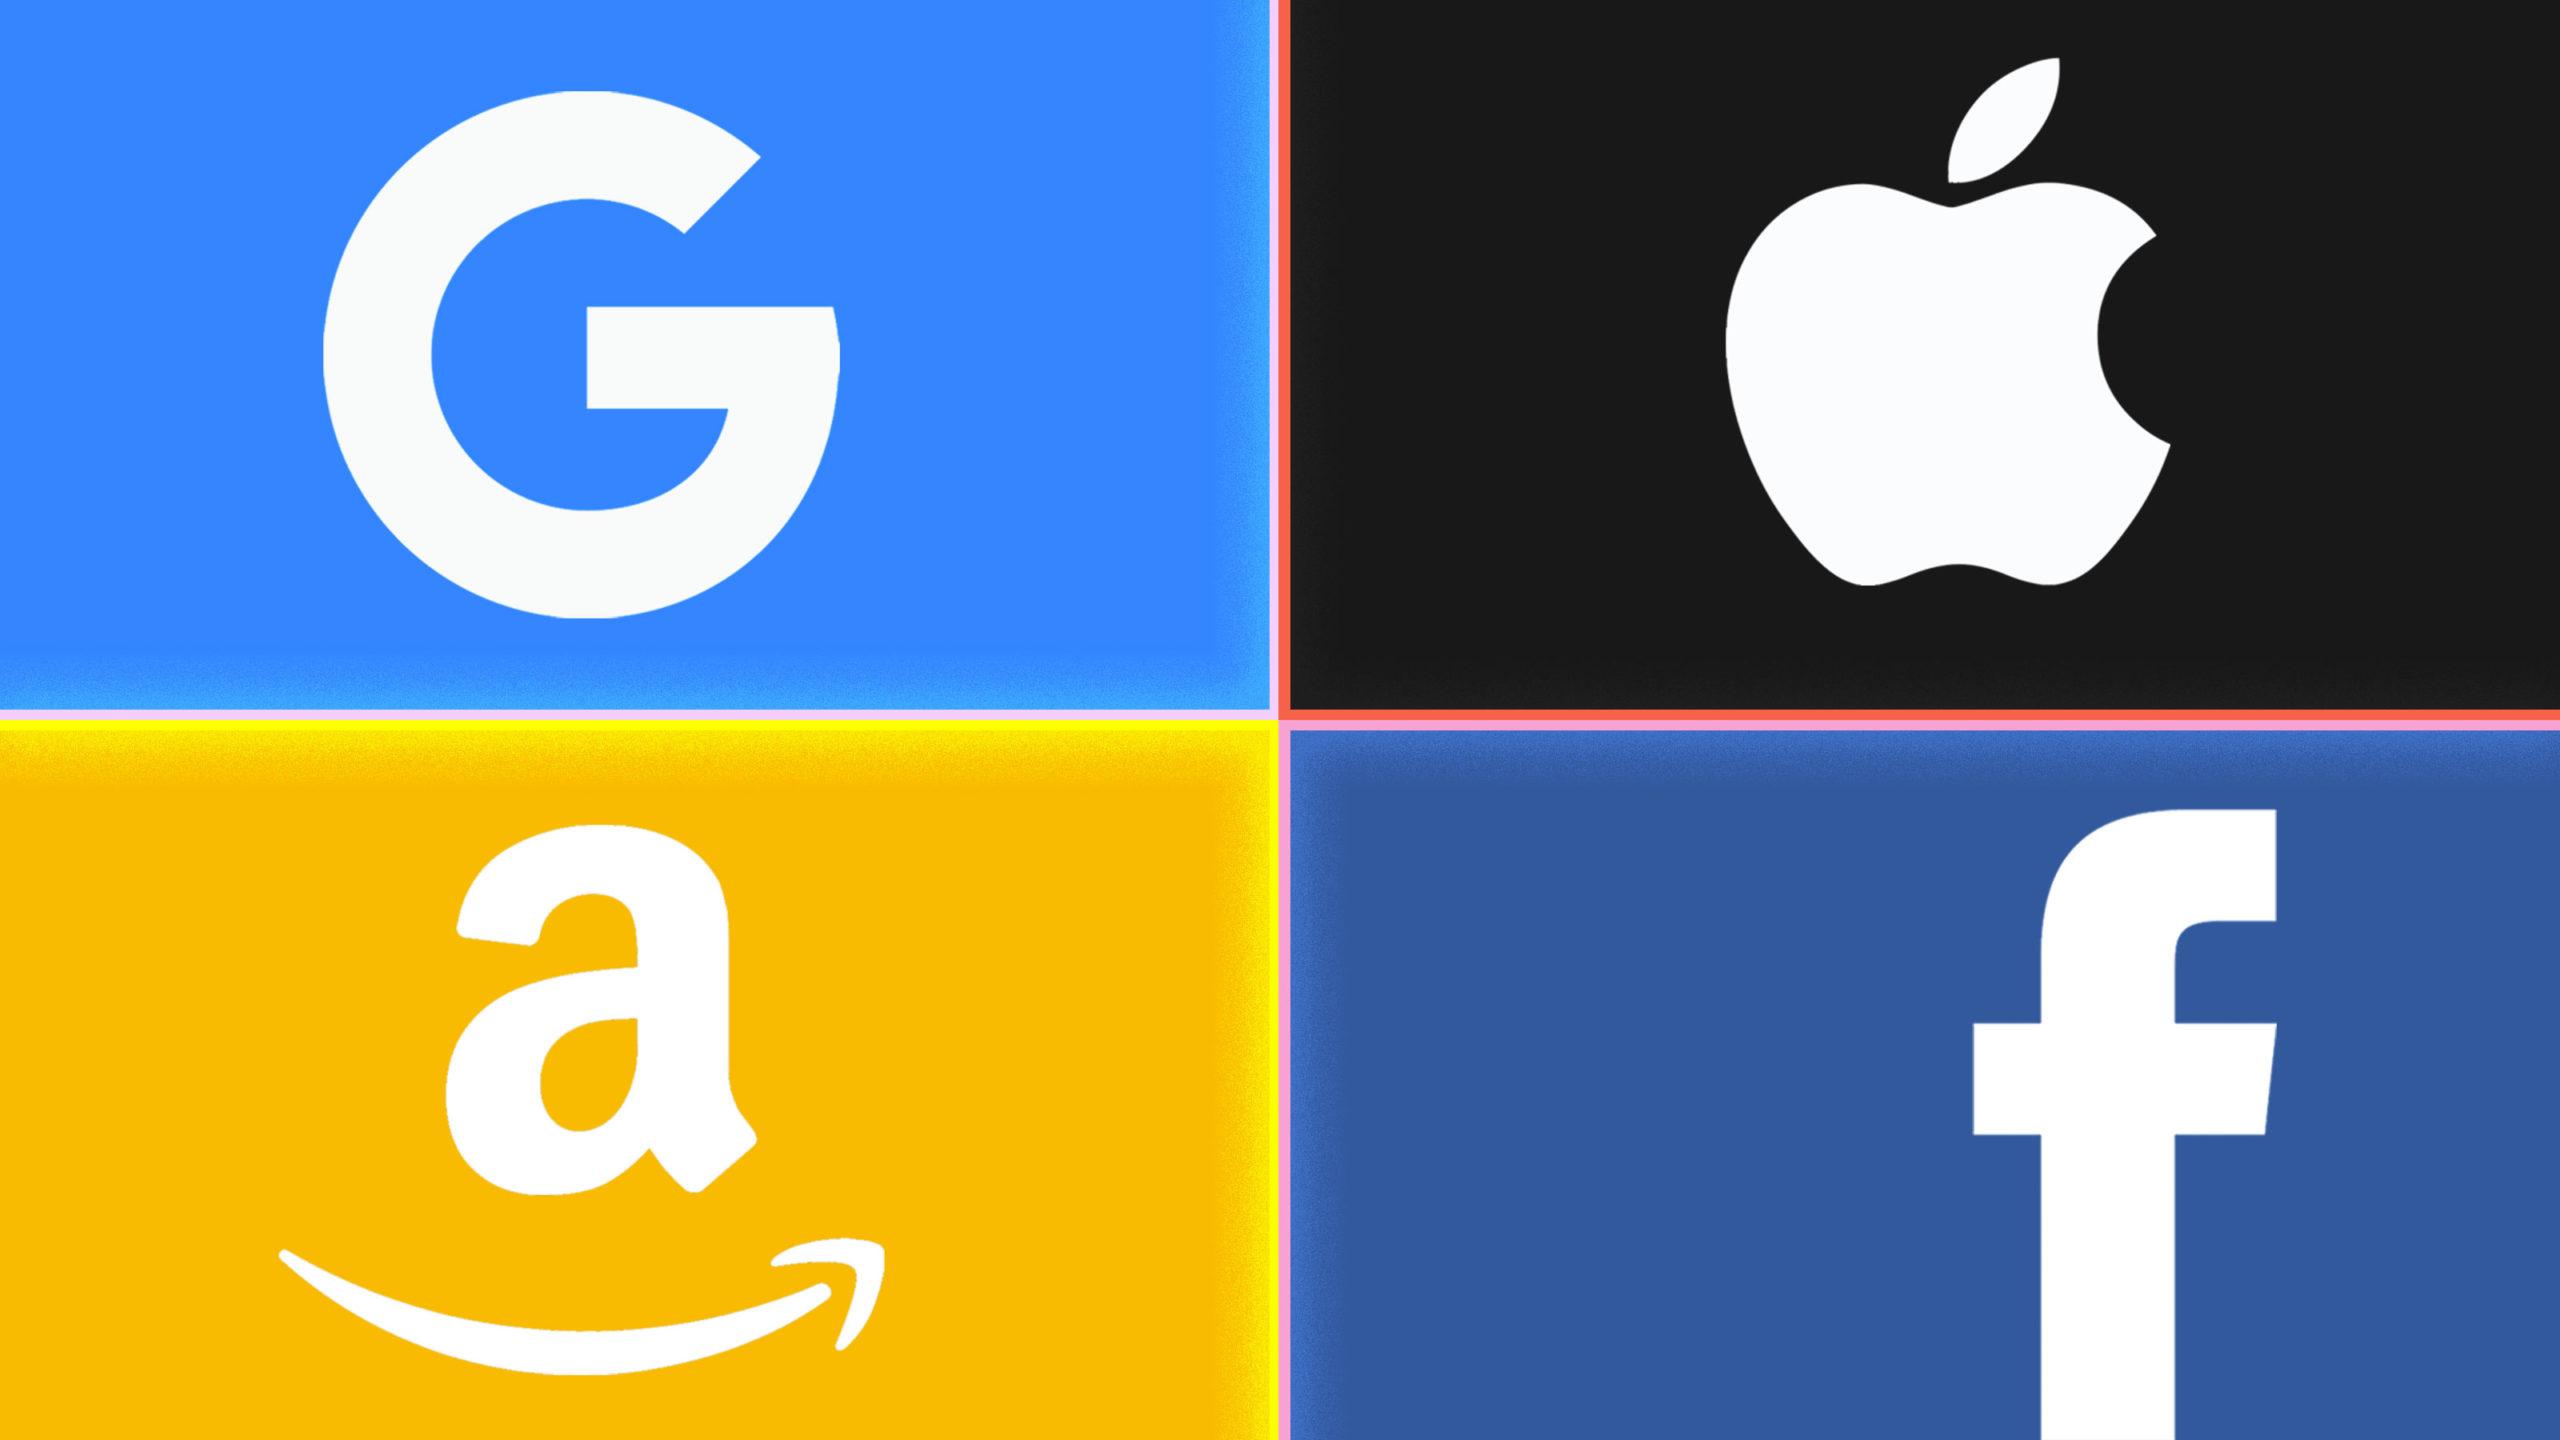 ЕК усилит контроль за крупнейшими мировыми цифровыми компаниями